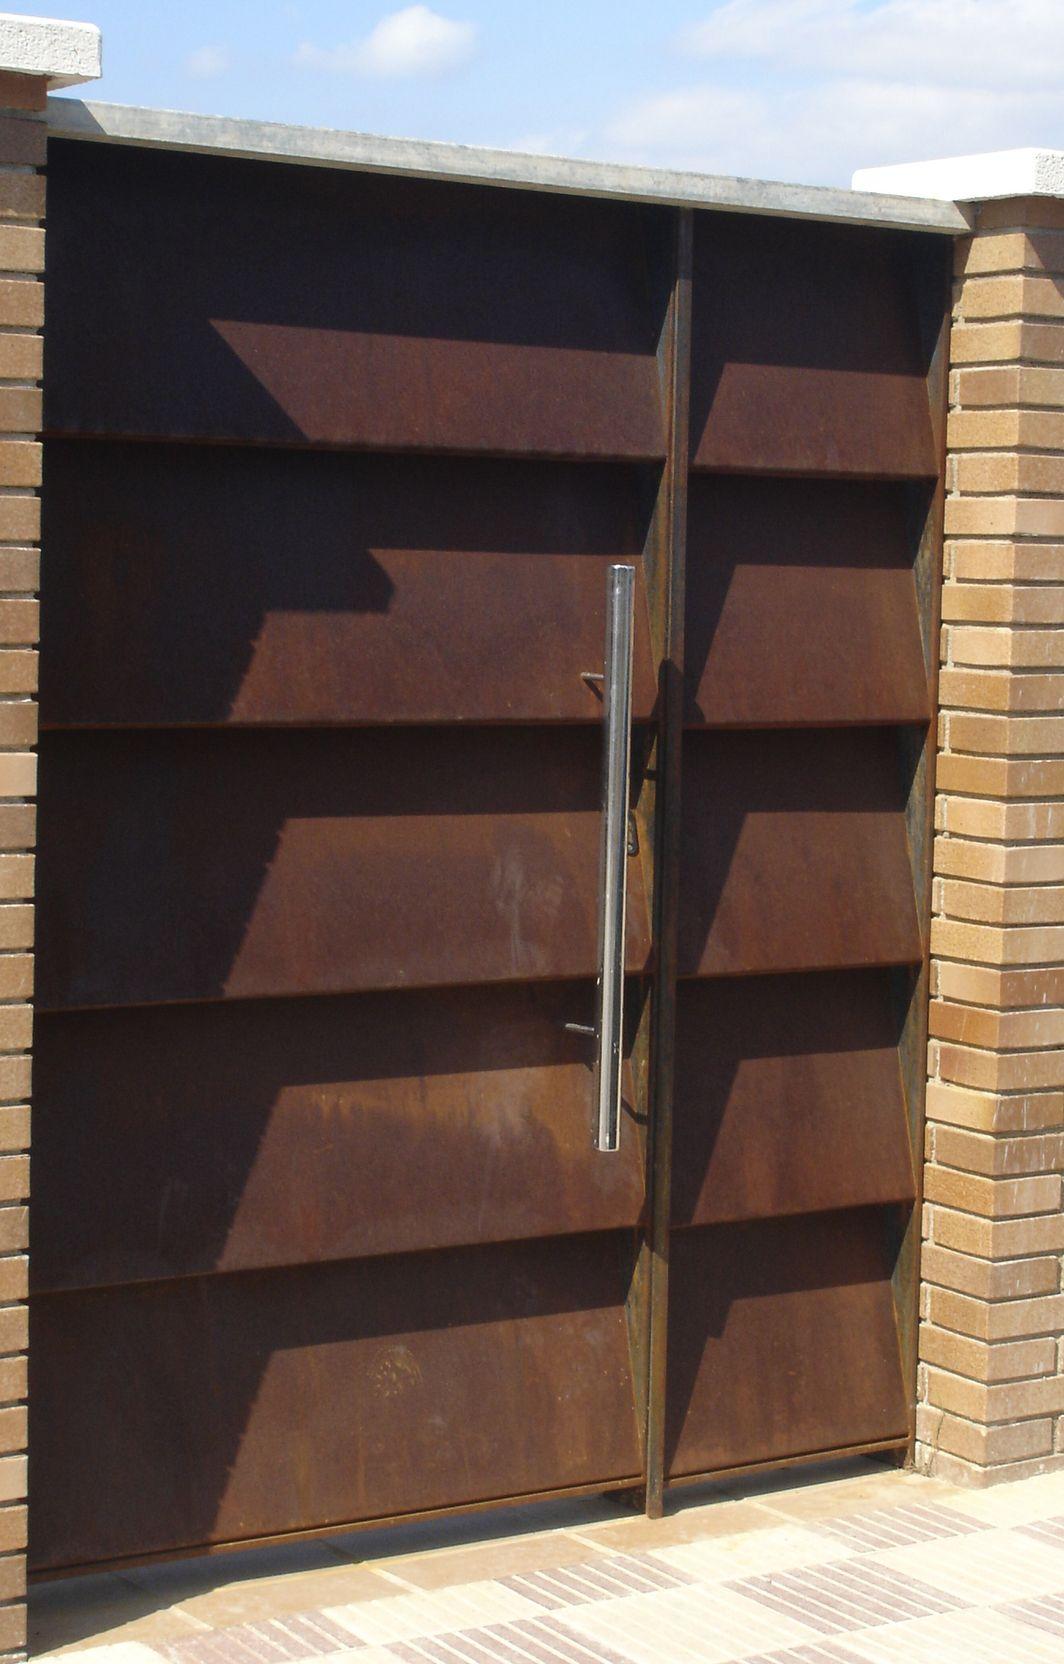 Acero corten oxidado puertas pinterest doors - Pintura para hierro exterior ...